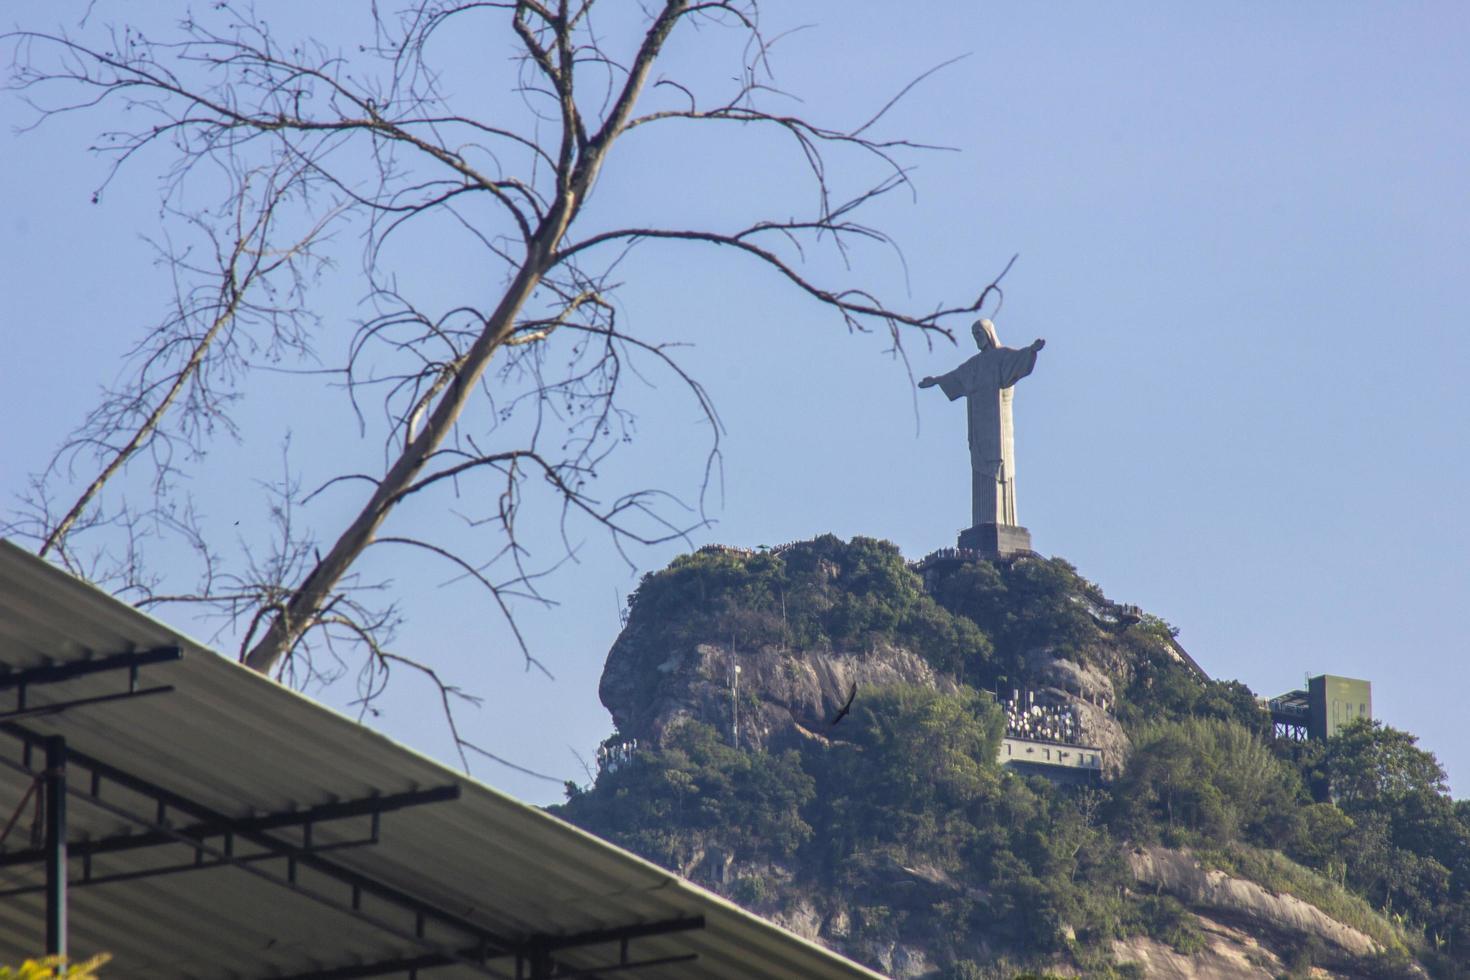 rio de janeiro, brazilië, 2015 - christus de verlosser foto